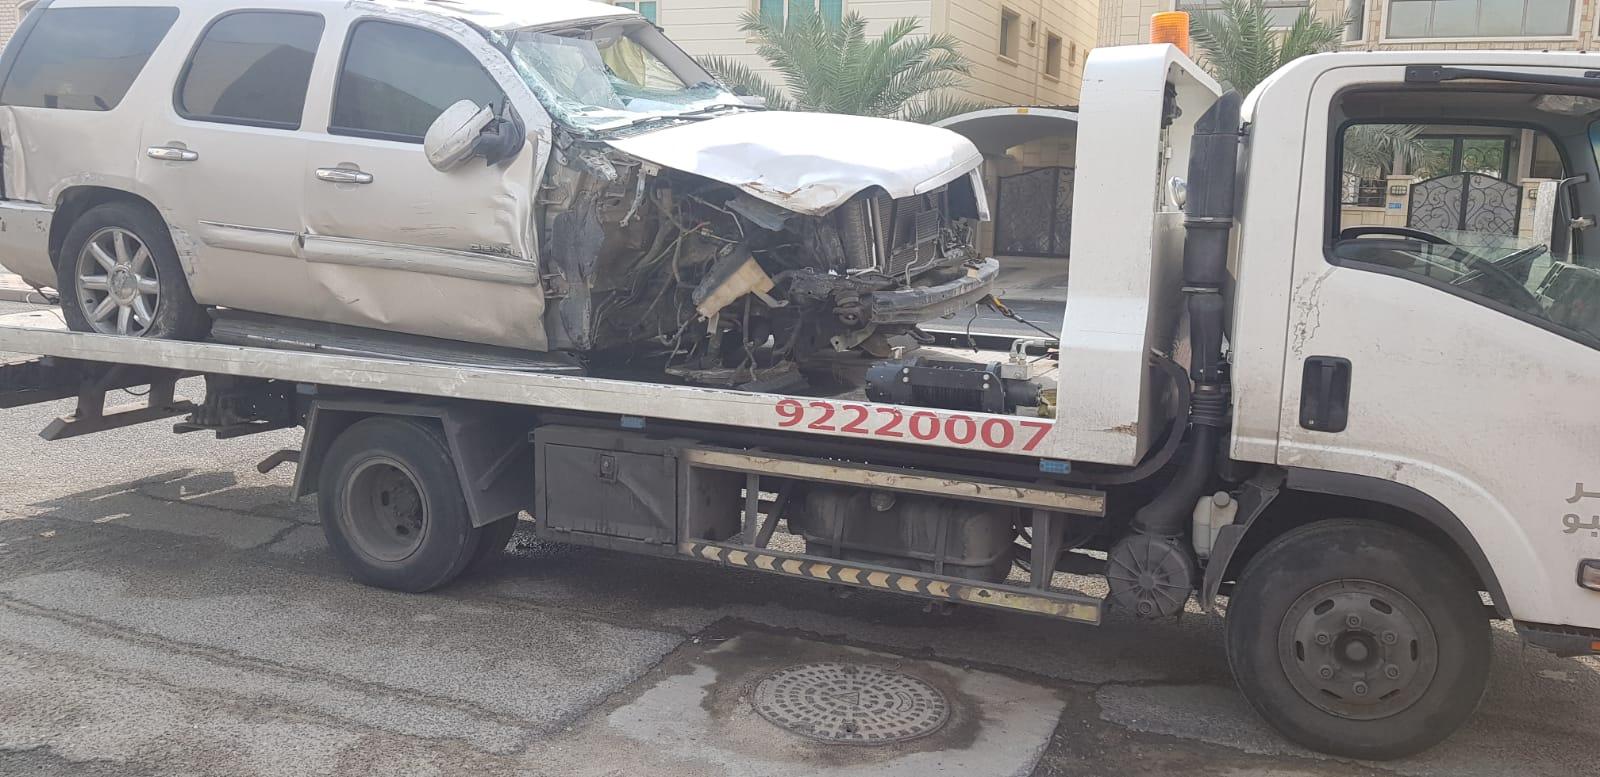 ونش الكويت للخدمة الليلة - أفضل الخدمات 24 ساعة (92220007)